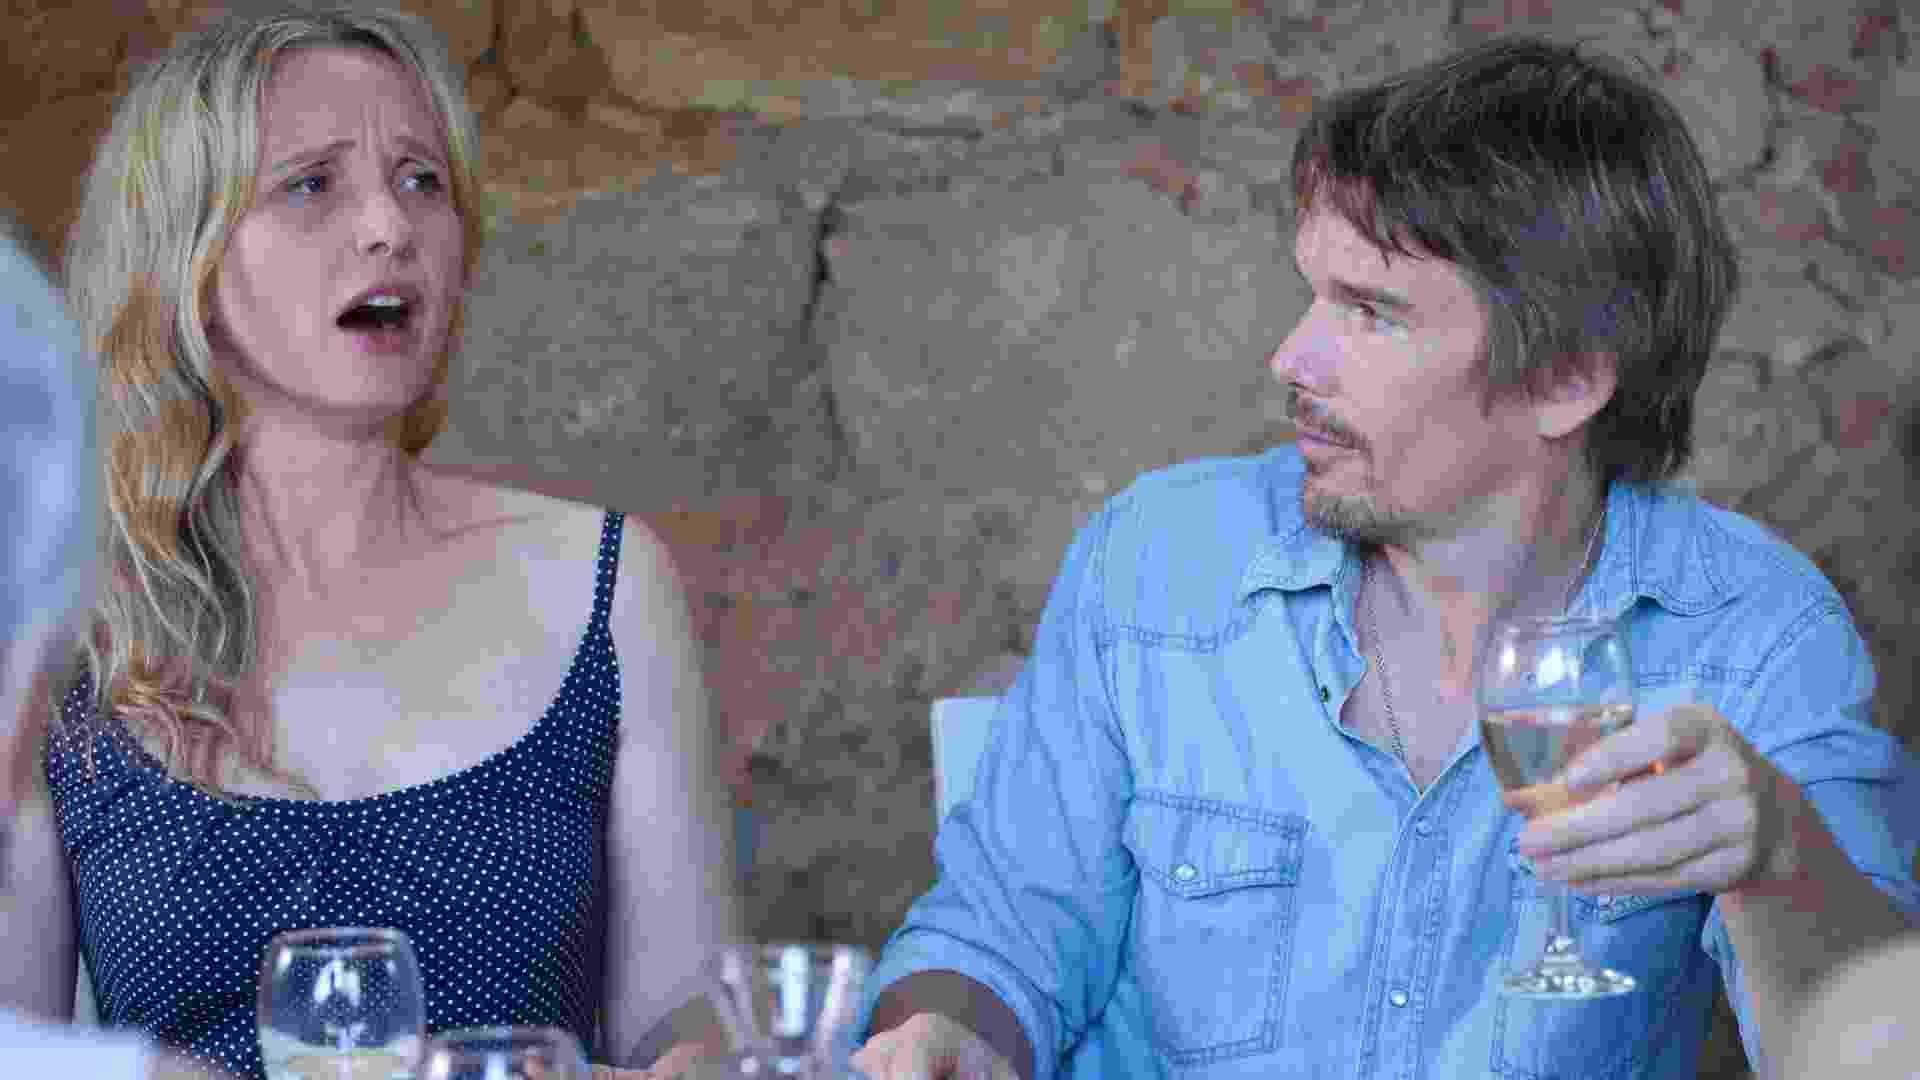 """Cena de filme """"Antes da Meia-Noite"""", terceiro longa baseado na história de amor de Jesse e Celine, interpretados pelos atores Ethan Hawke e Julie Delpy - Divulgação"""